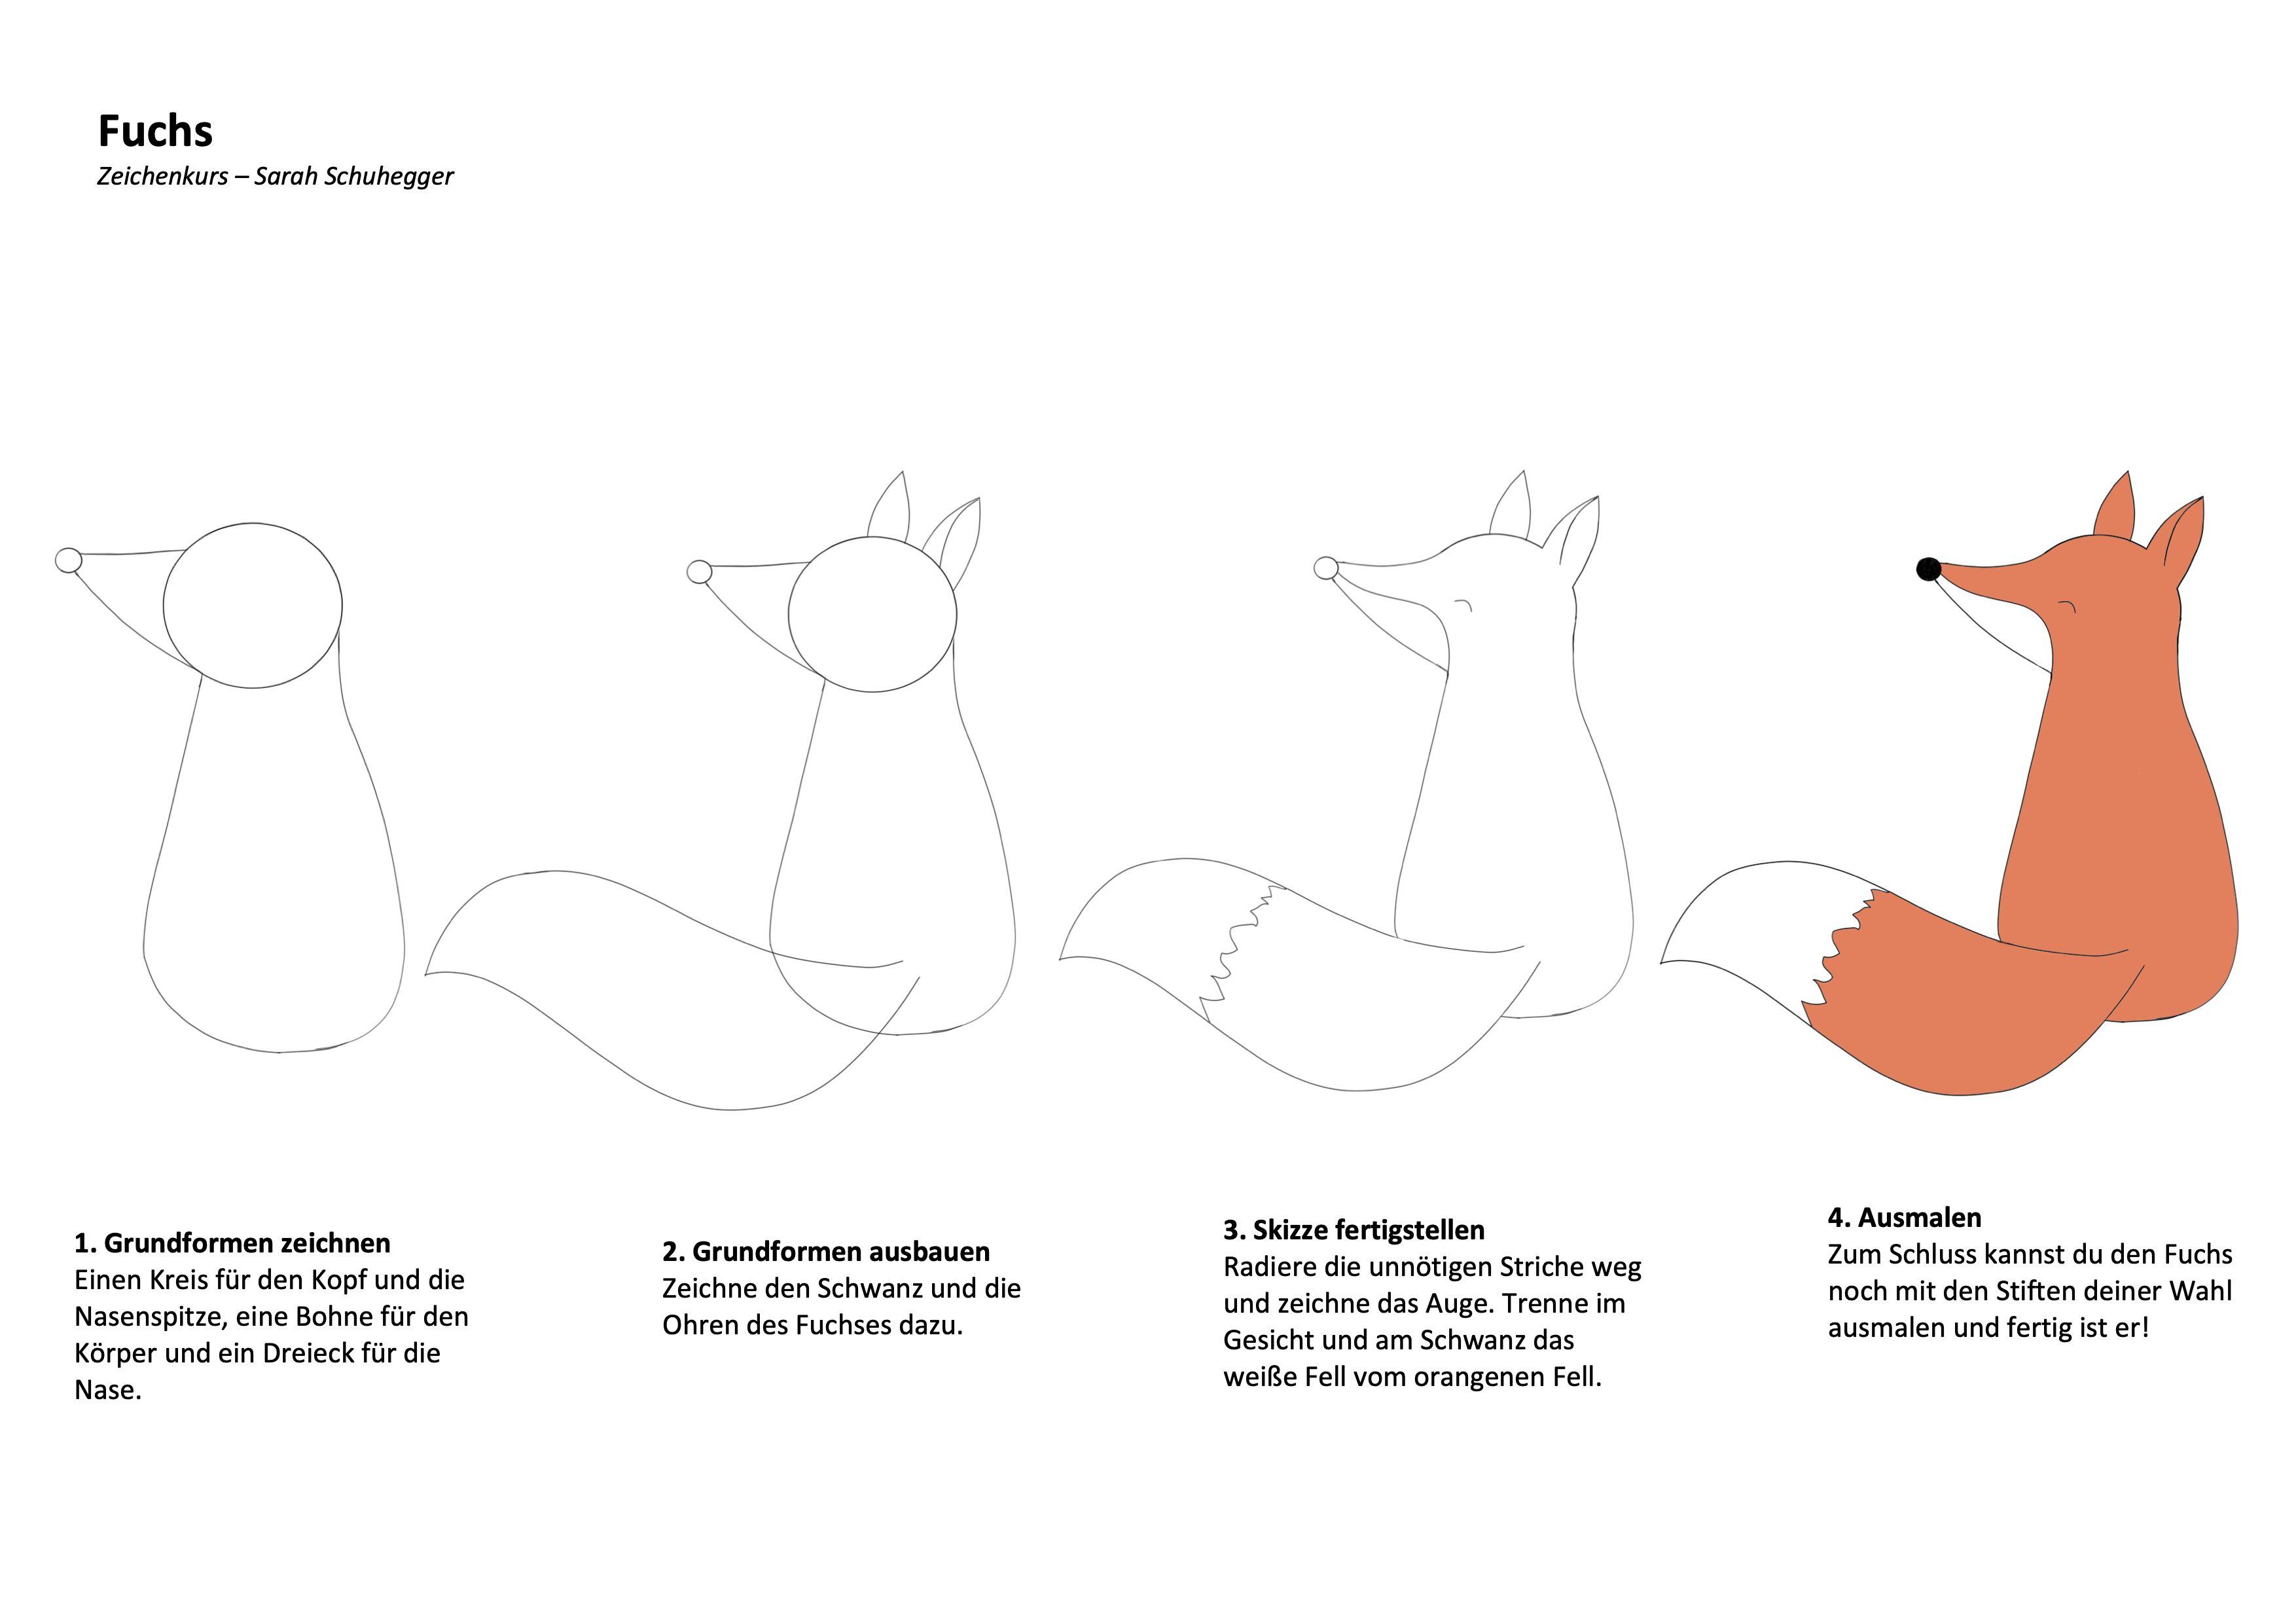 Fuchs zeichnen lernen mit Schritt-für-Schritt Zeichenanleitung